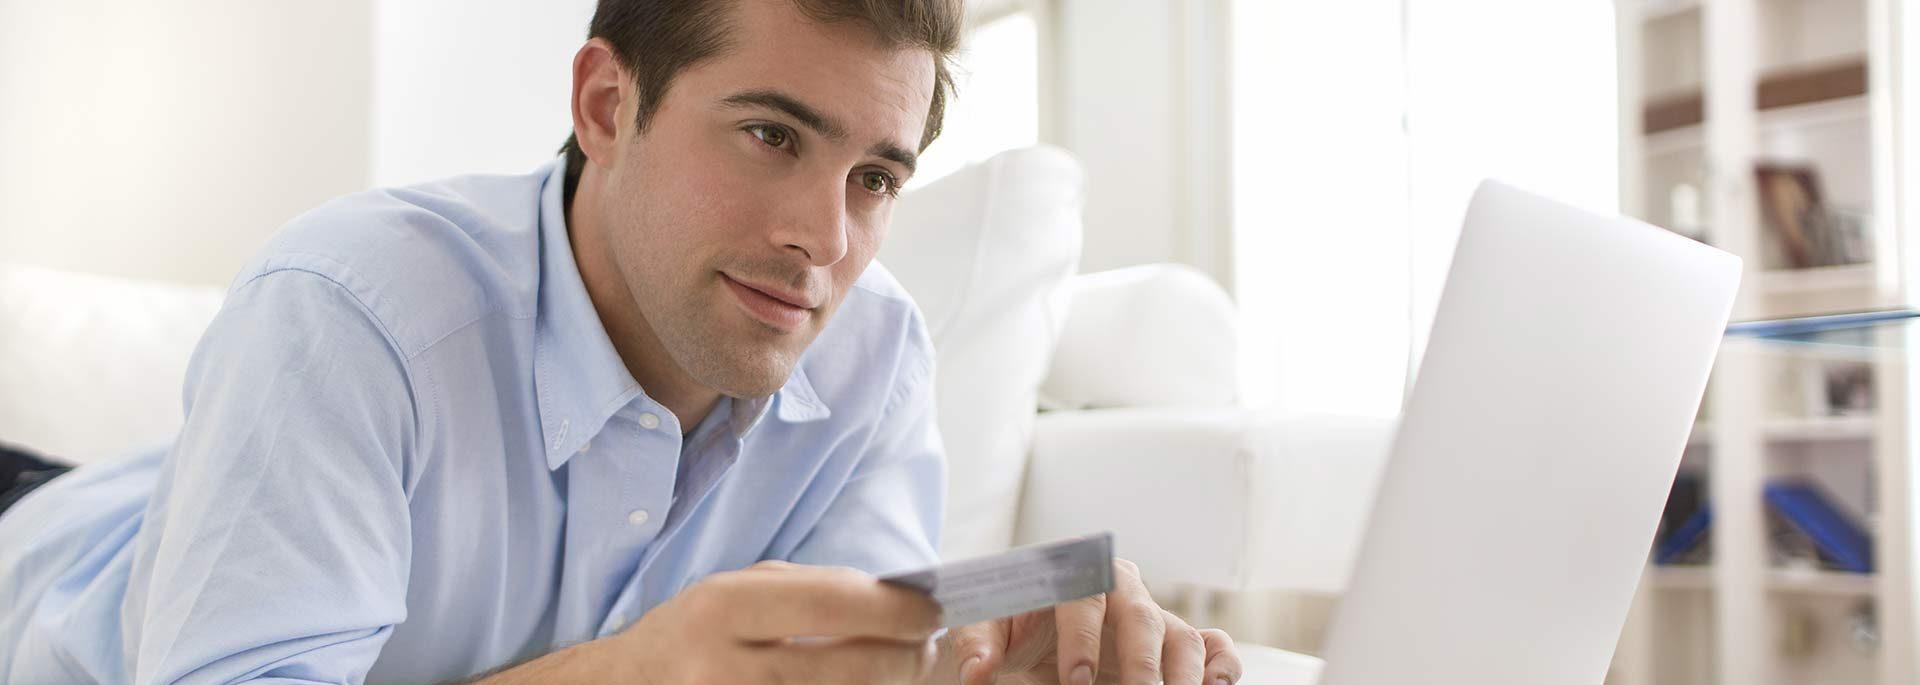 Mann mit Kreditkarte und Laptop